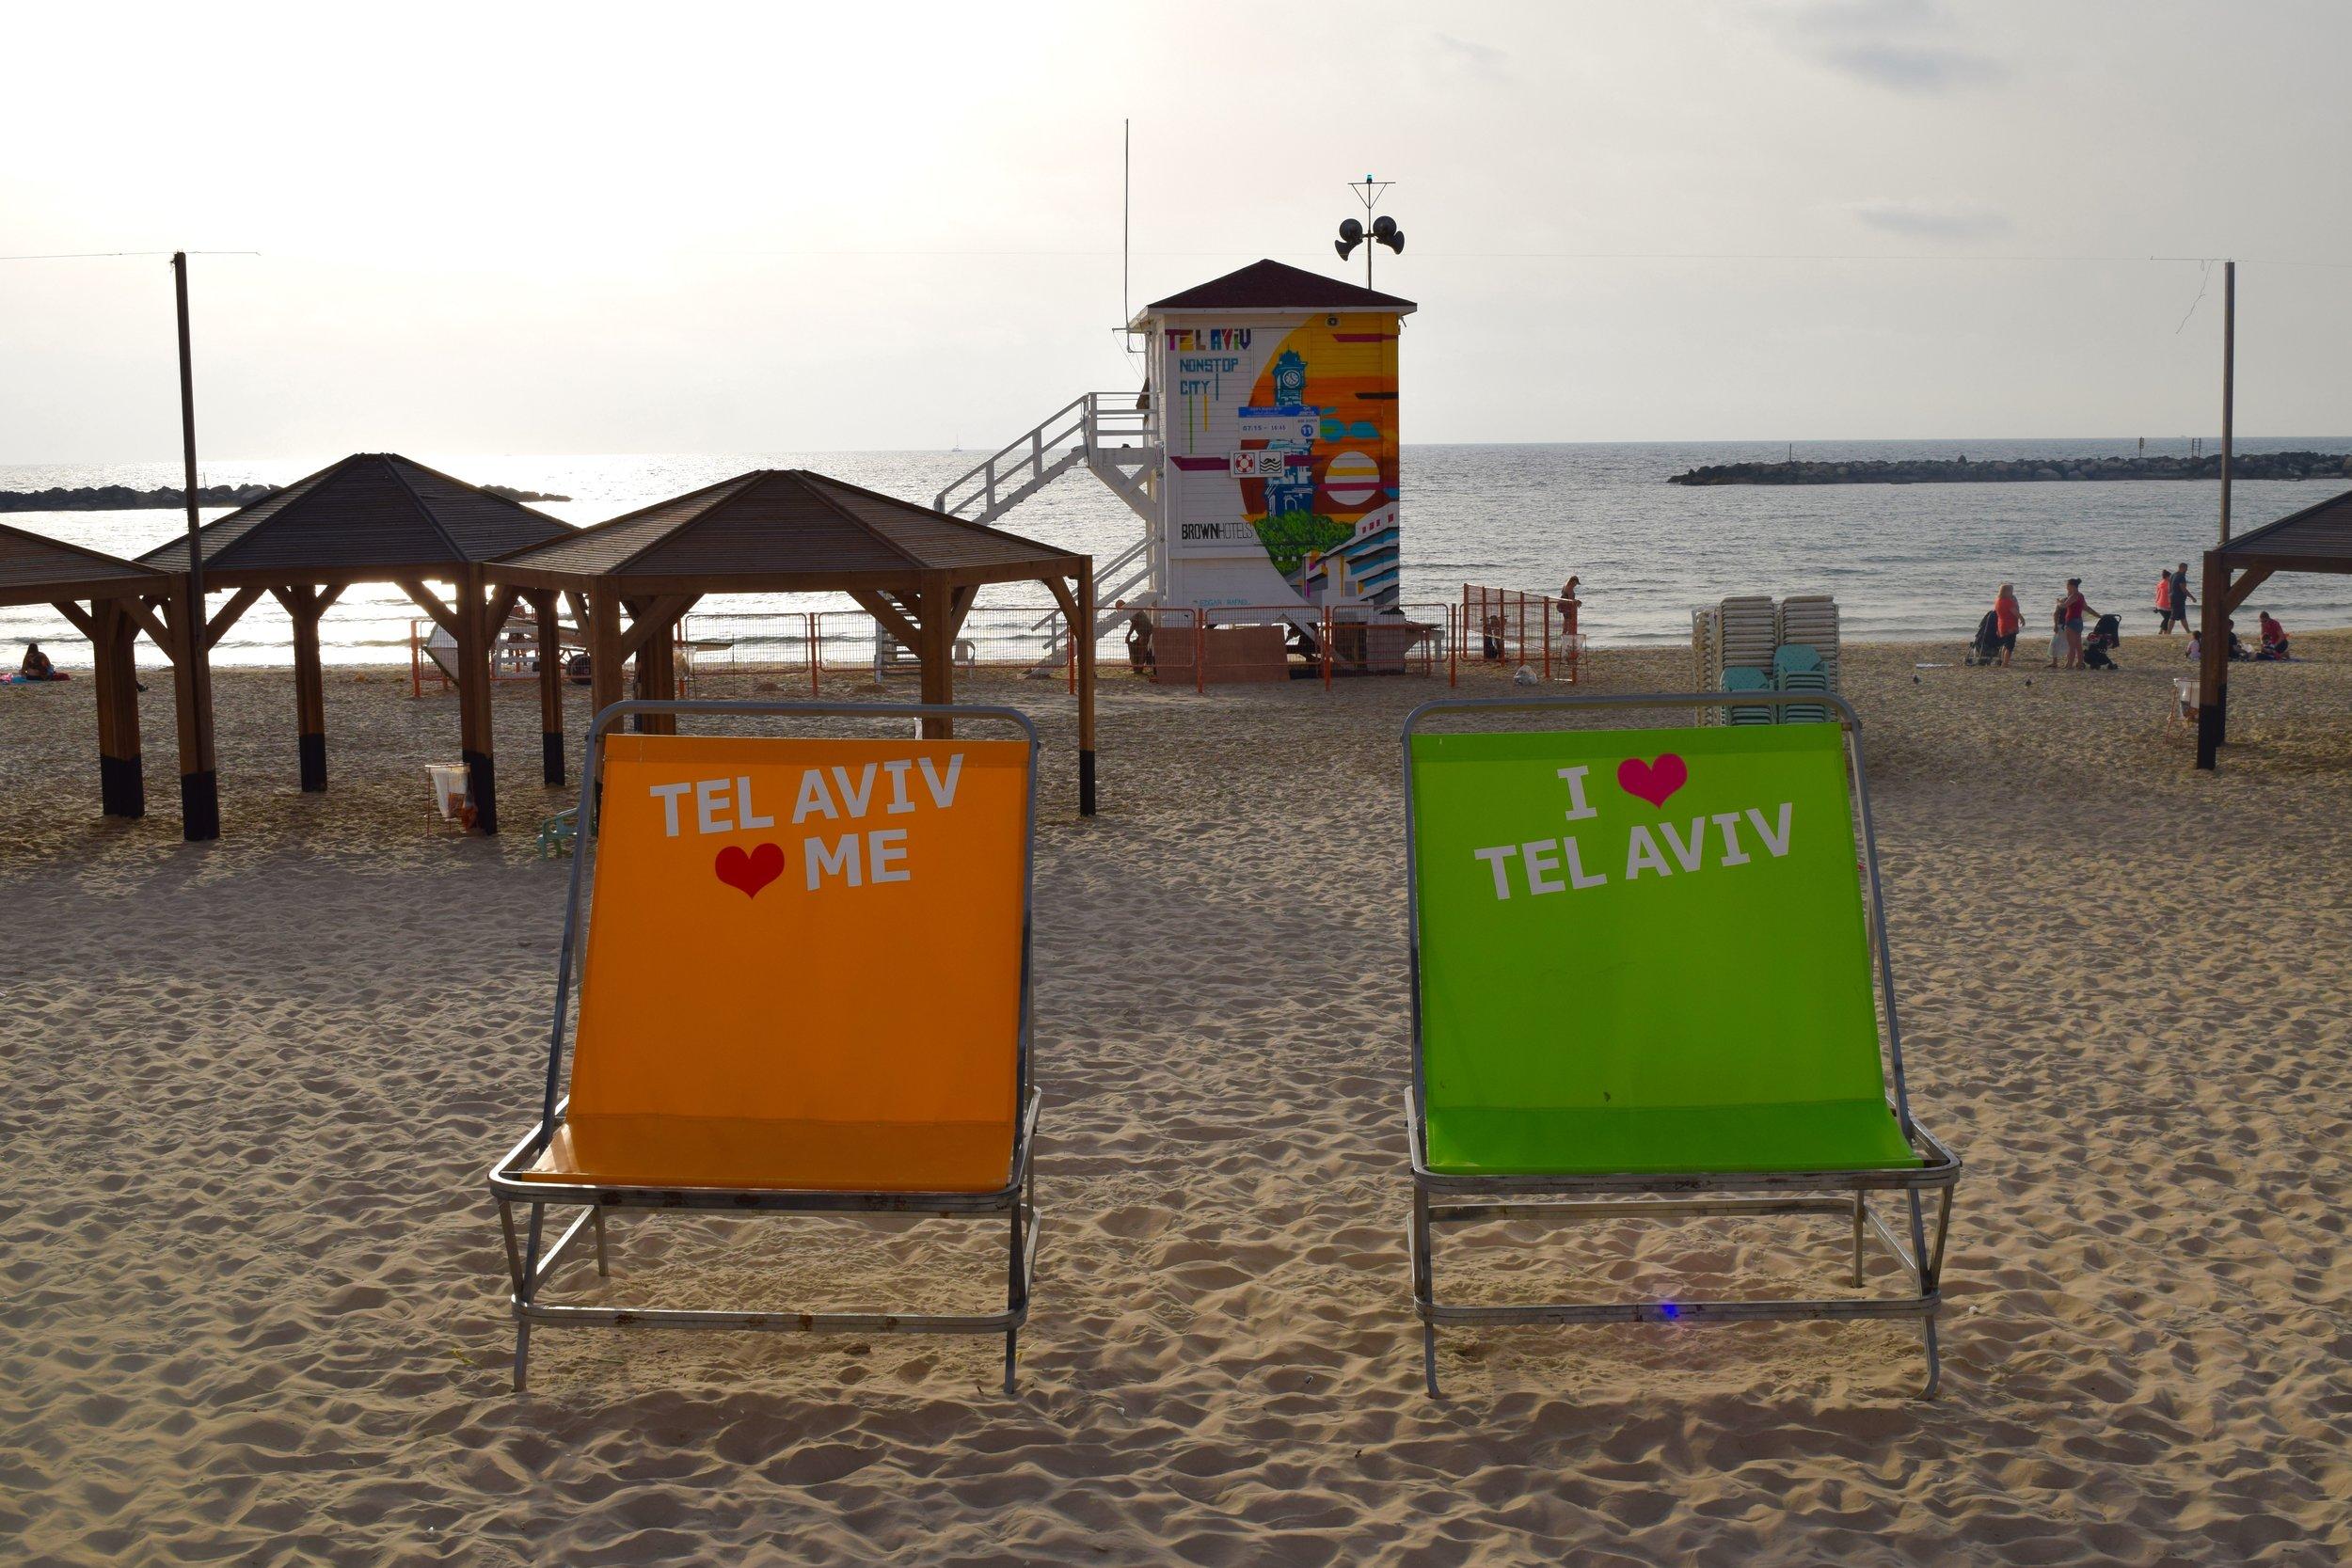 Giant chairs at Tel Aviv beach